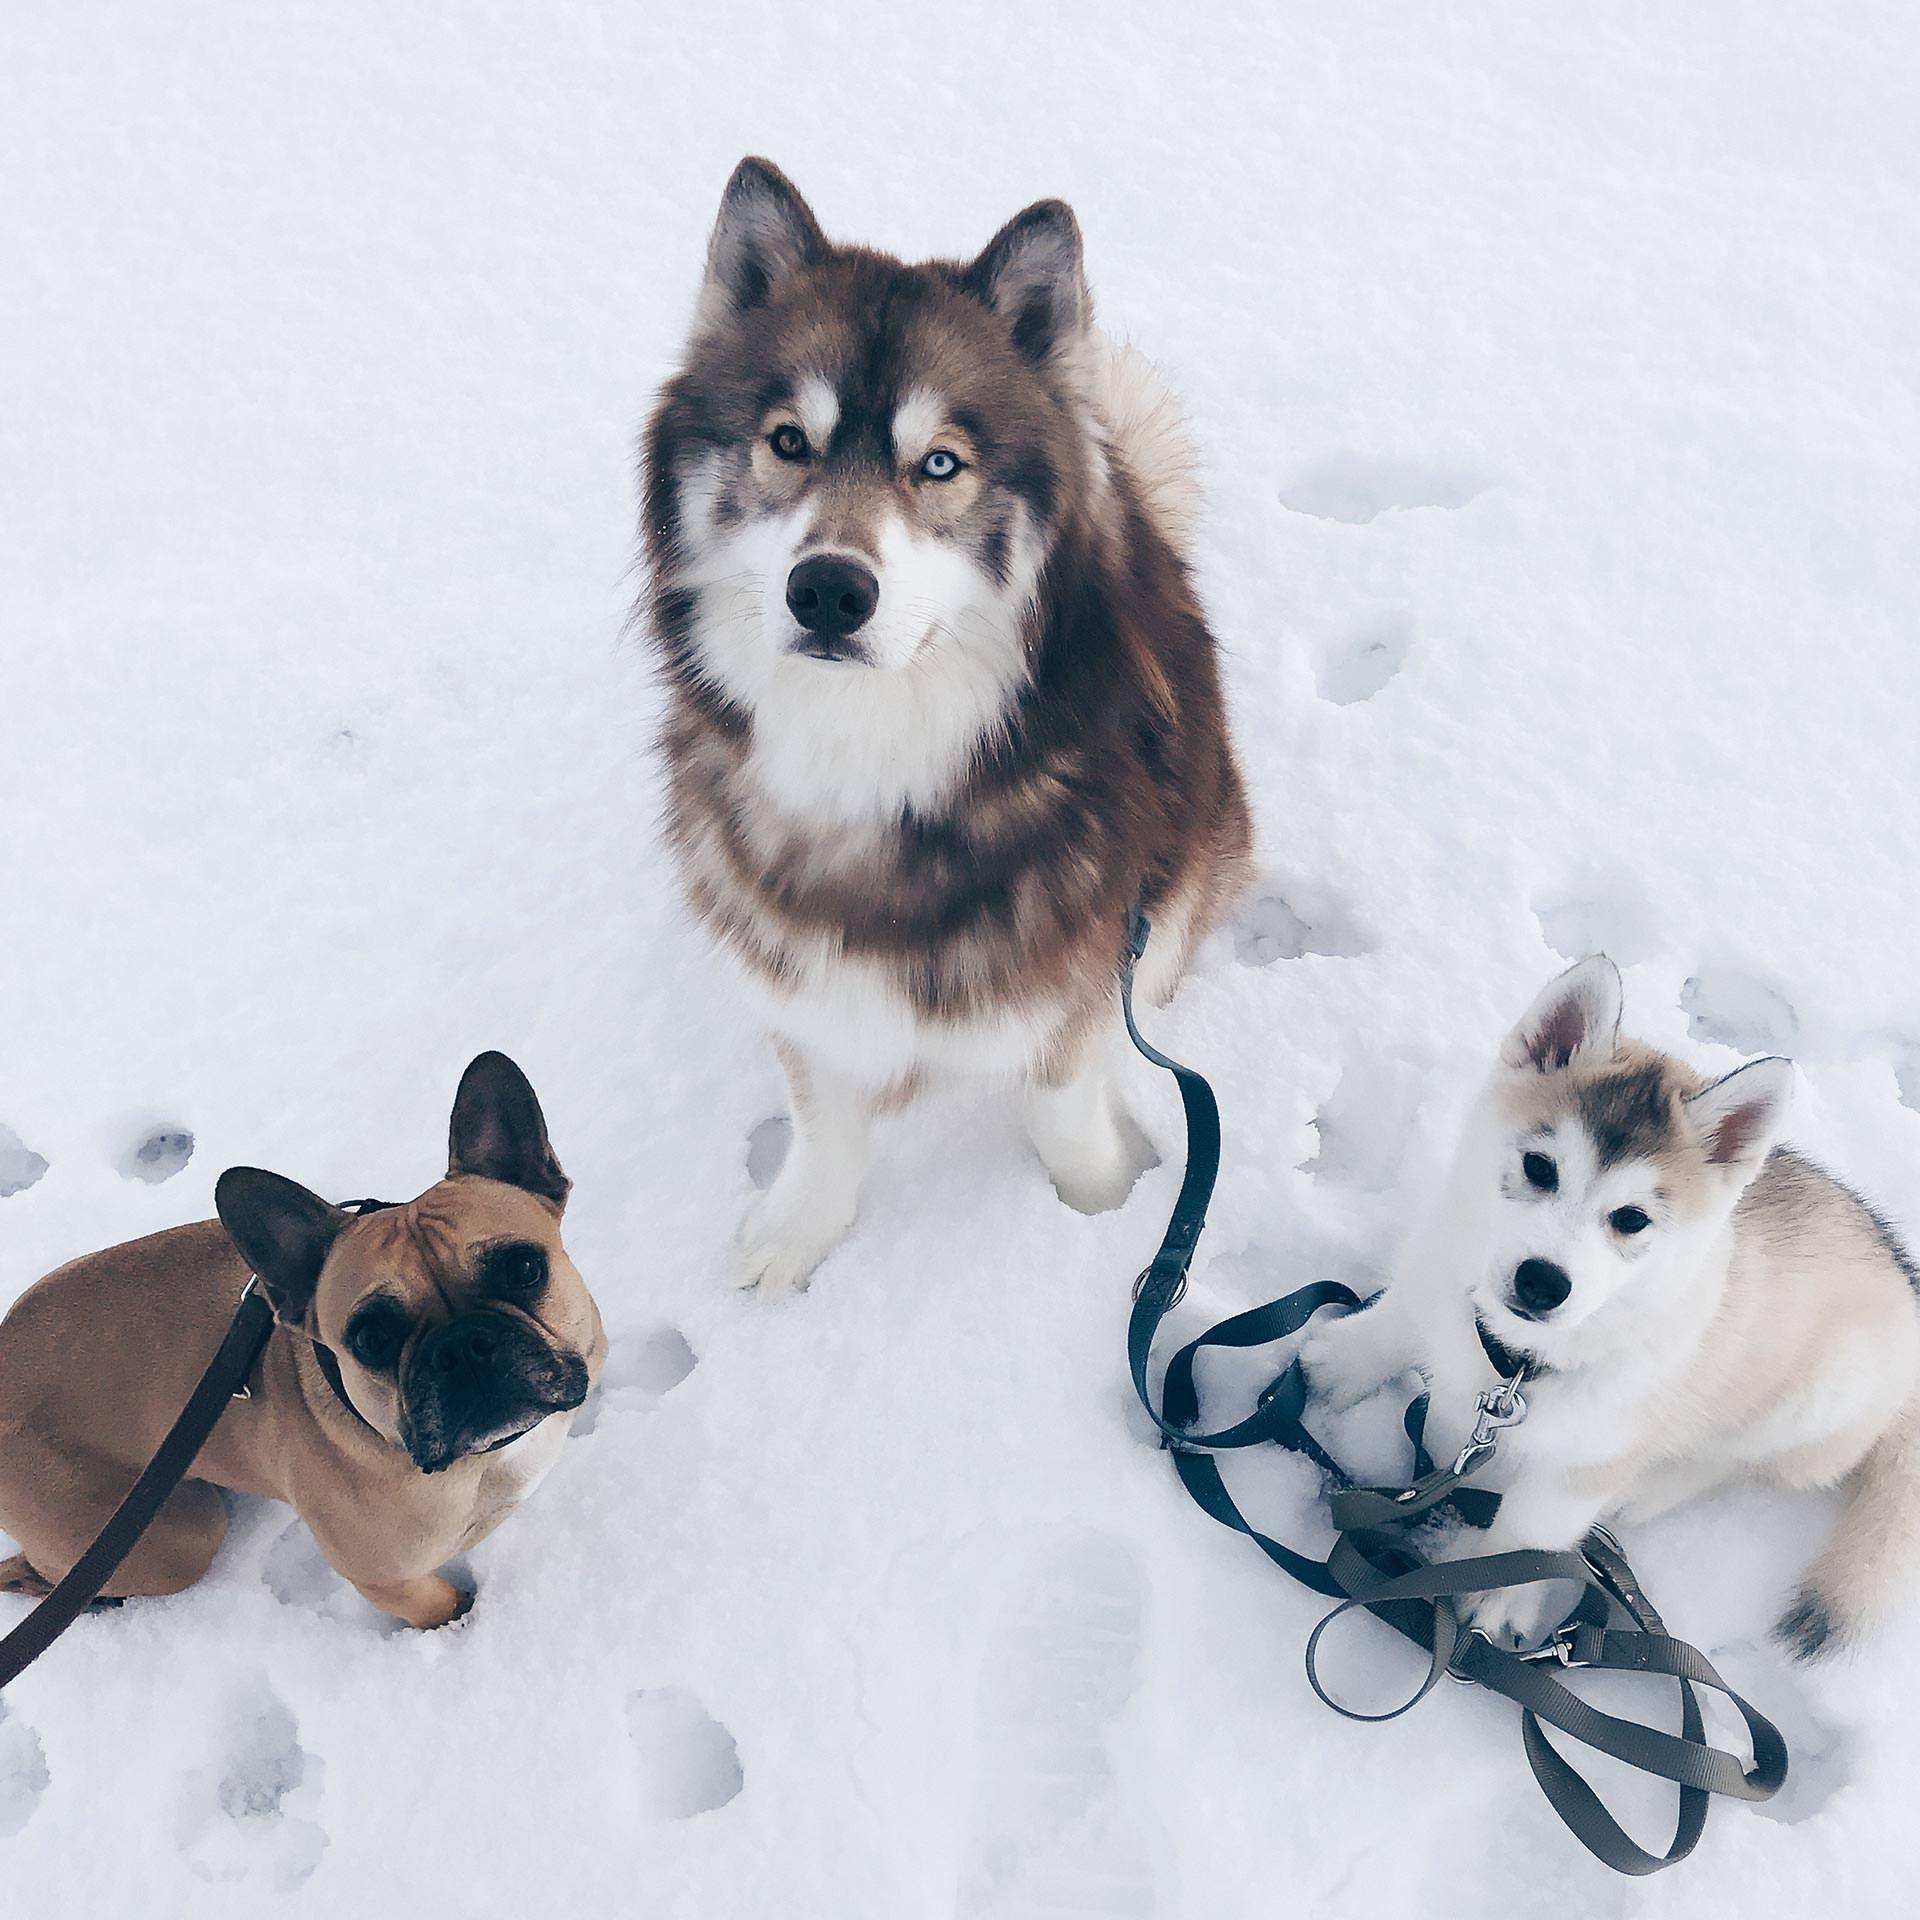 The Pawsome Tyroleans Der Hundeblog Aus Osterreich Hundeblogger Tirol Style Blog Sibirischer Husky Franzosische Bulld Sibirischer Husky Schone Hunde Hunde